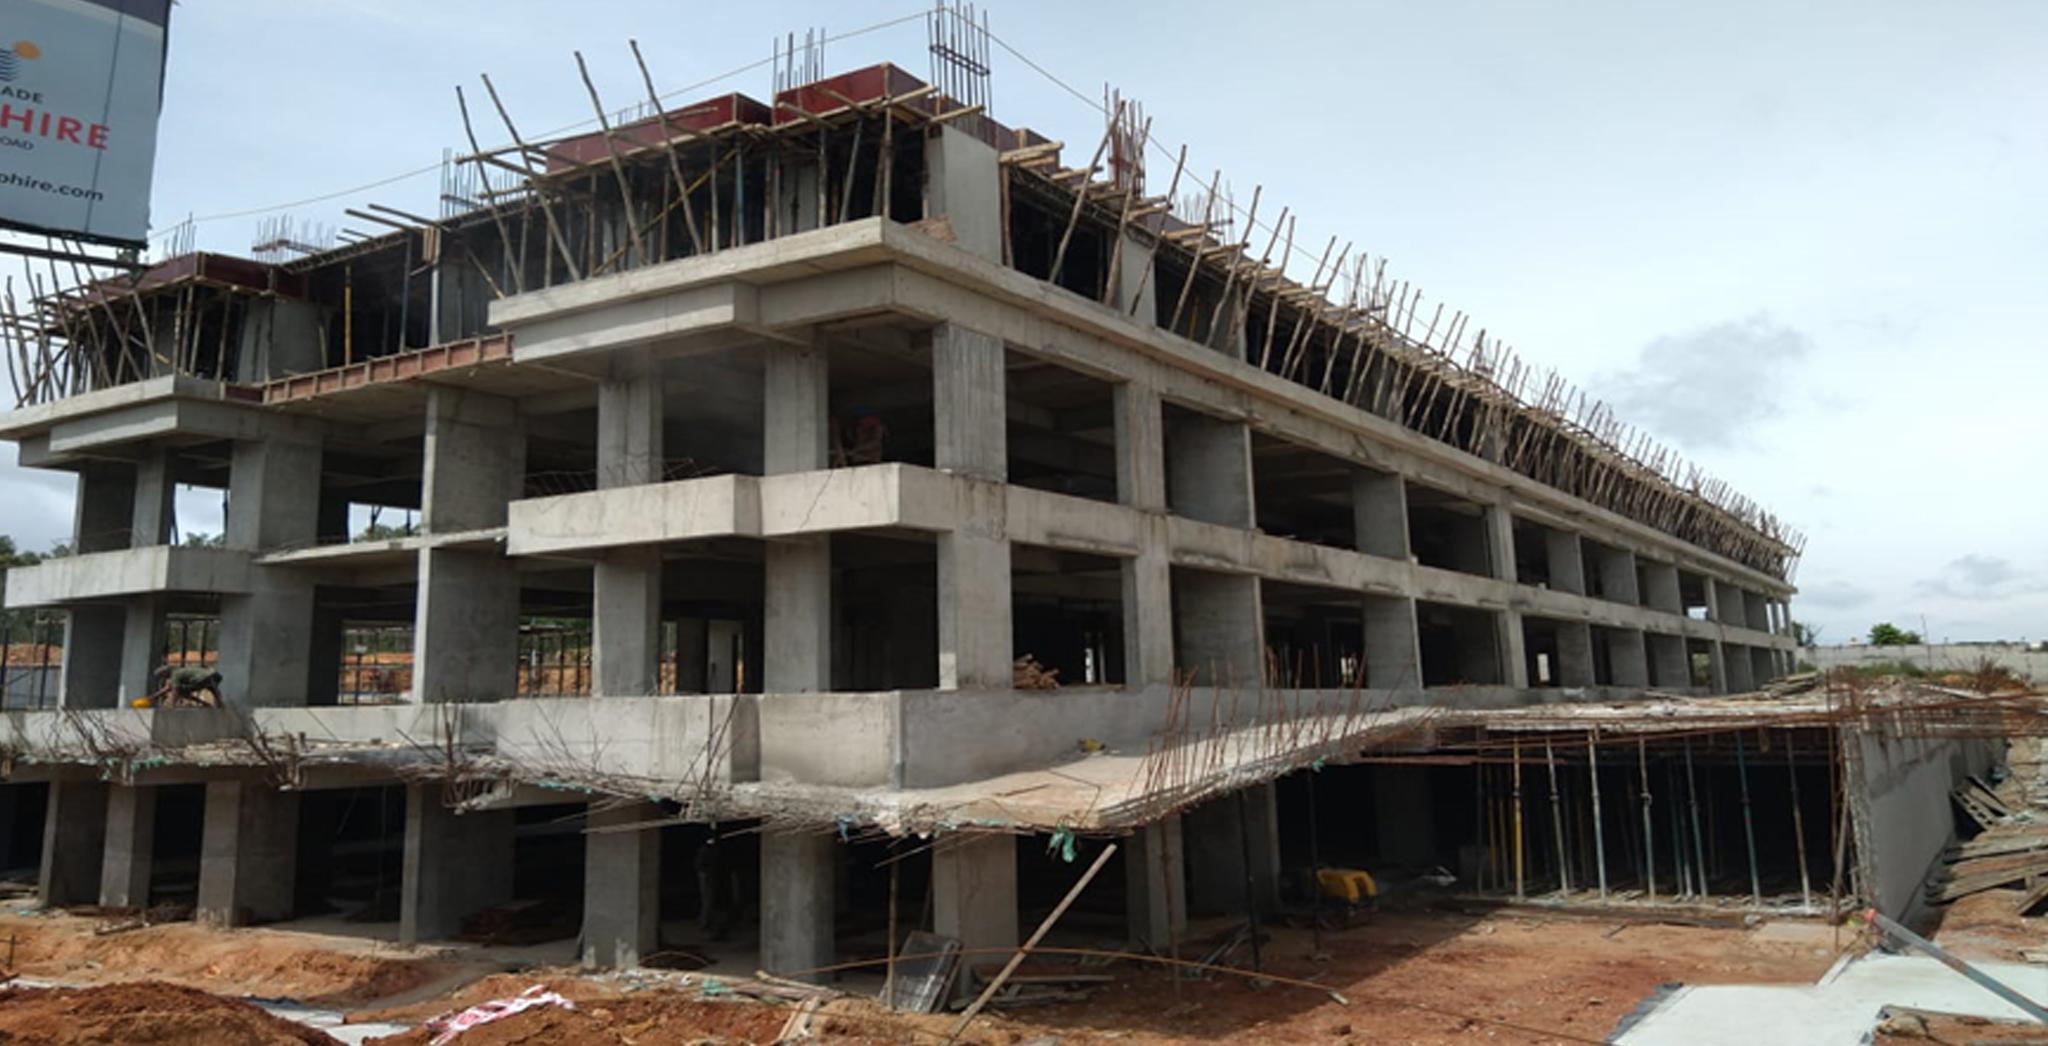 Aug 2021 - Third Floor shuttering work is in progress